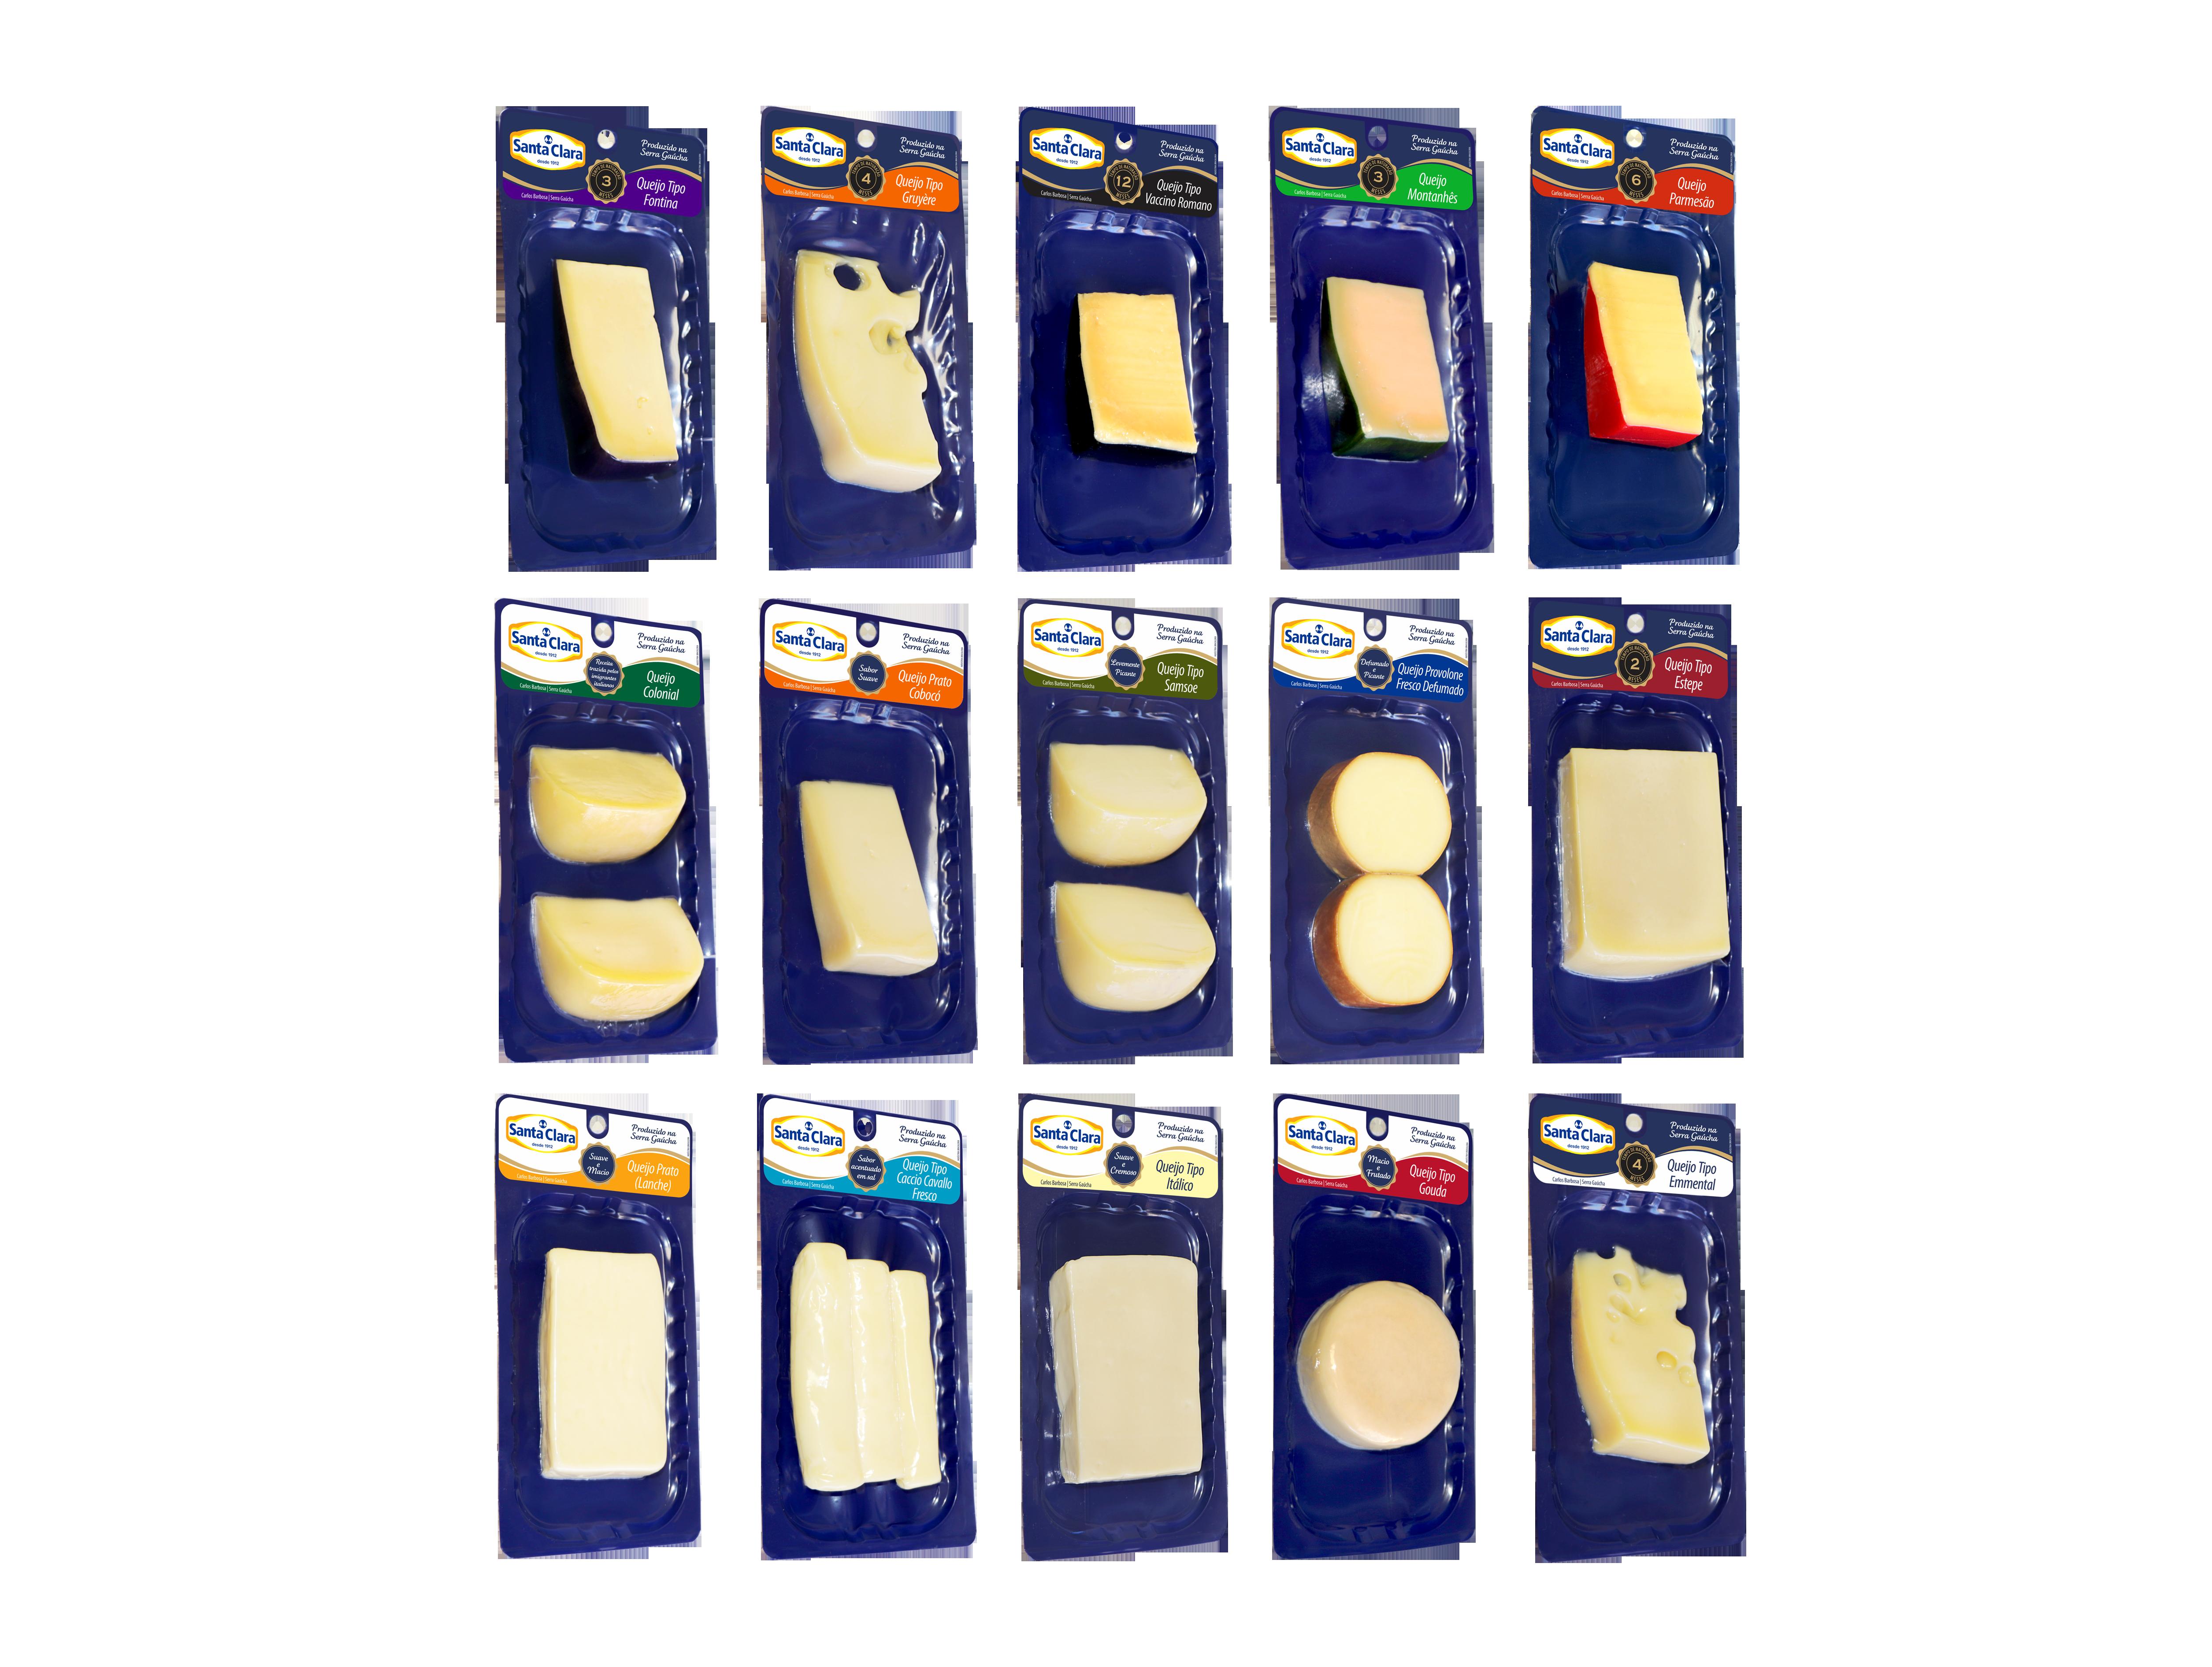 Queijos Santa Clara contam com embalagens Skin Pack